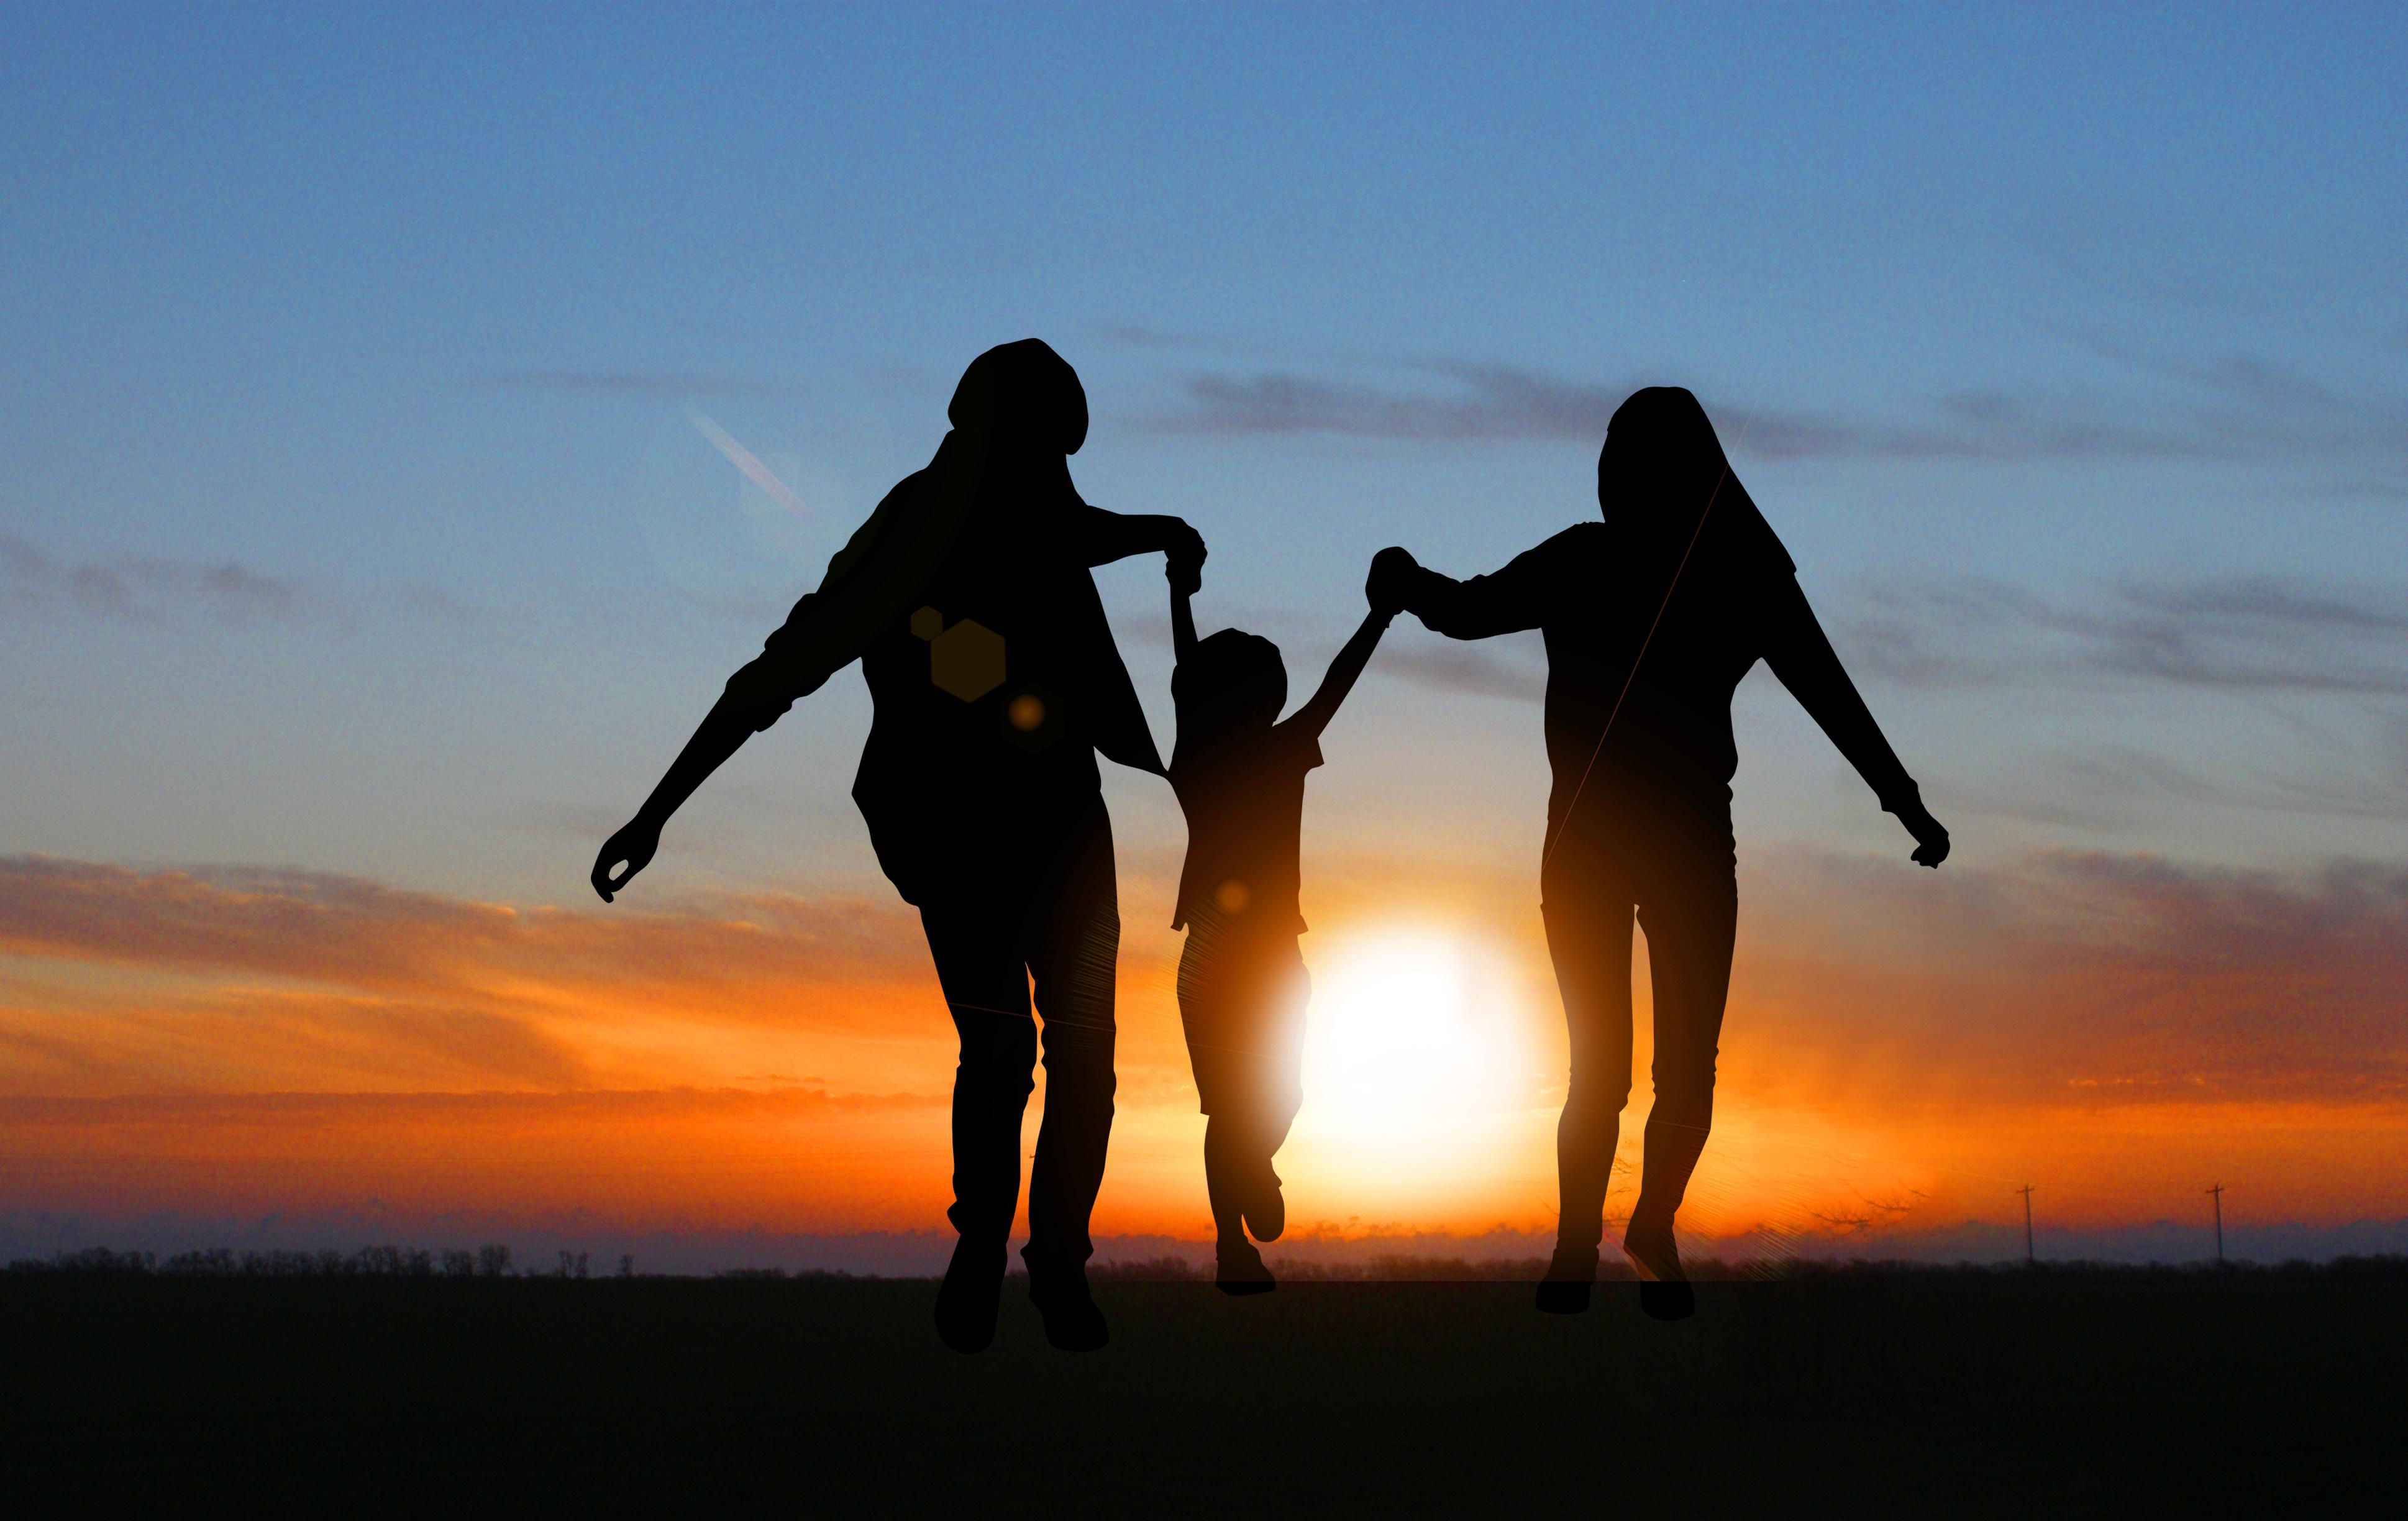 收养的孩子有赡养义务吗,什么时候开始尽赡养义务